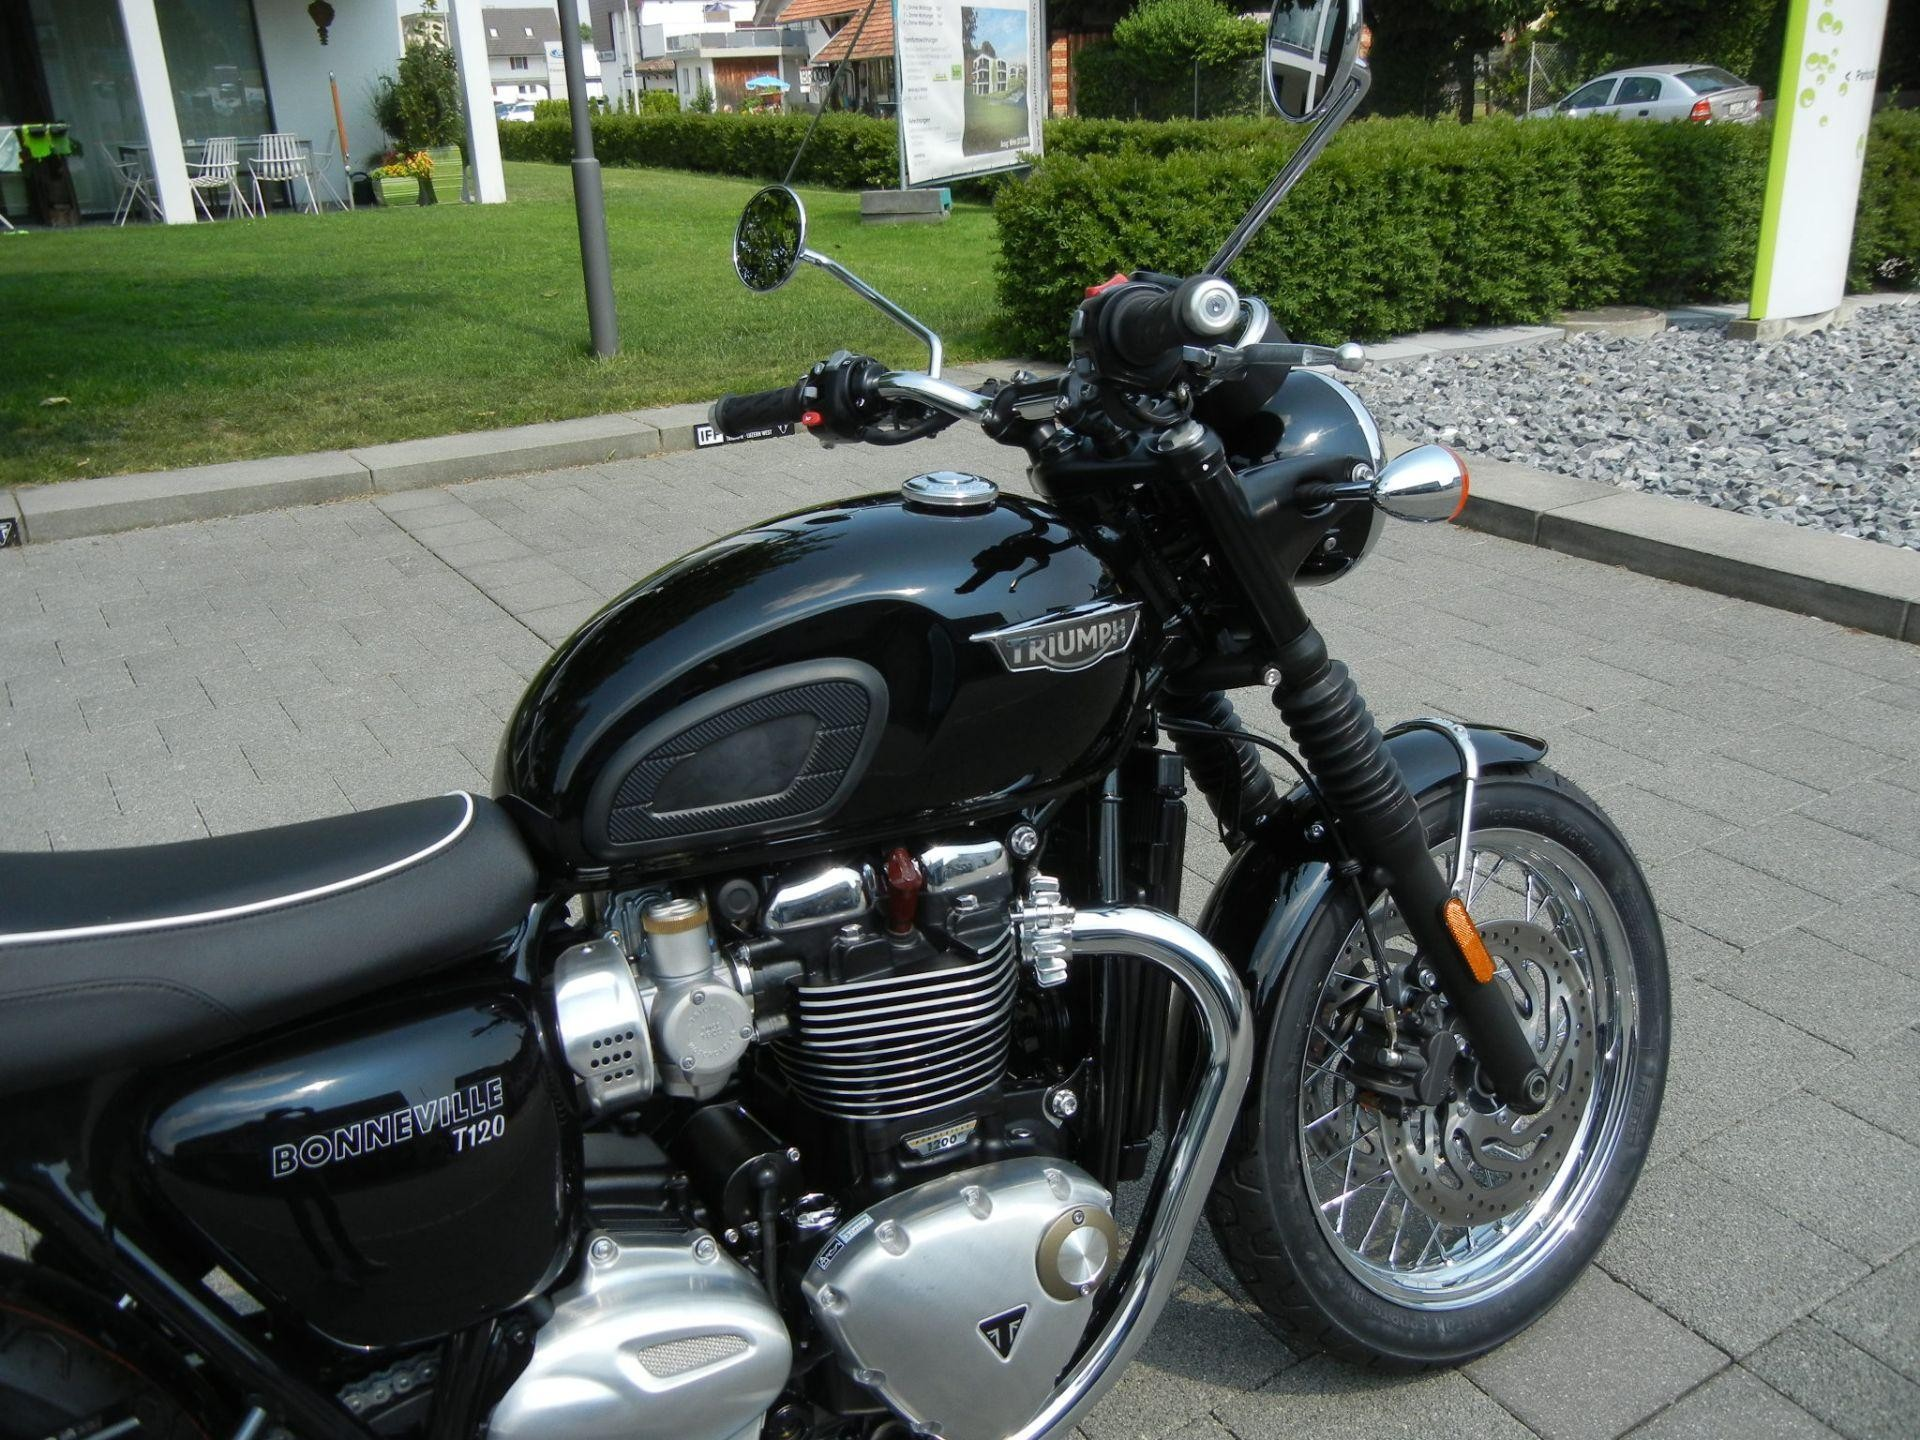 moto neuve acheter triumph bonneville t120 1200 abs iff motorcycles ag gettnau. Black Bedroom Furniture Sets. Home Design Ideas